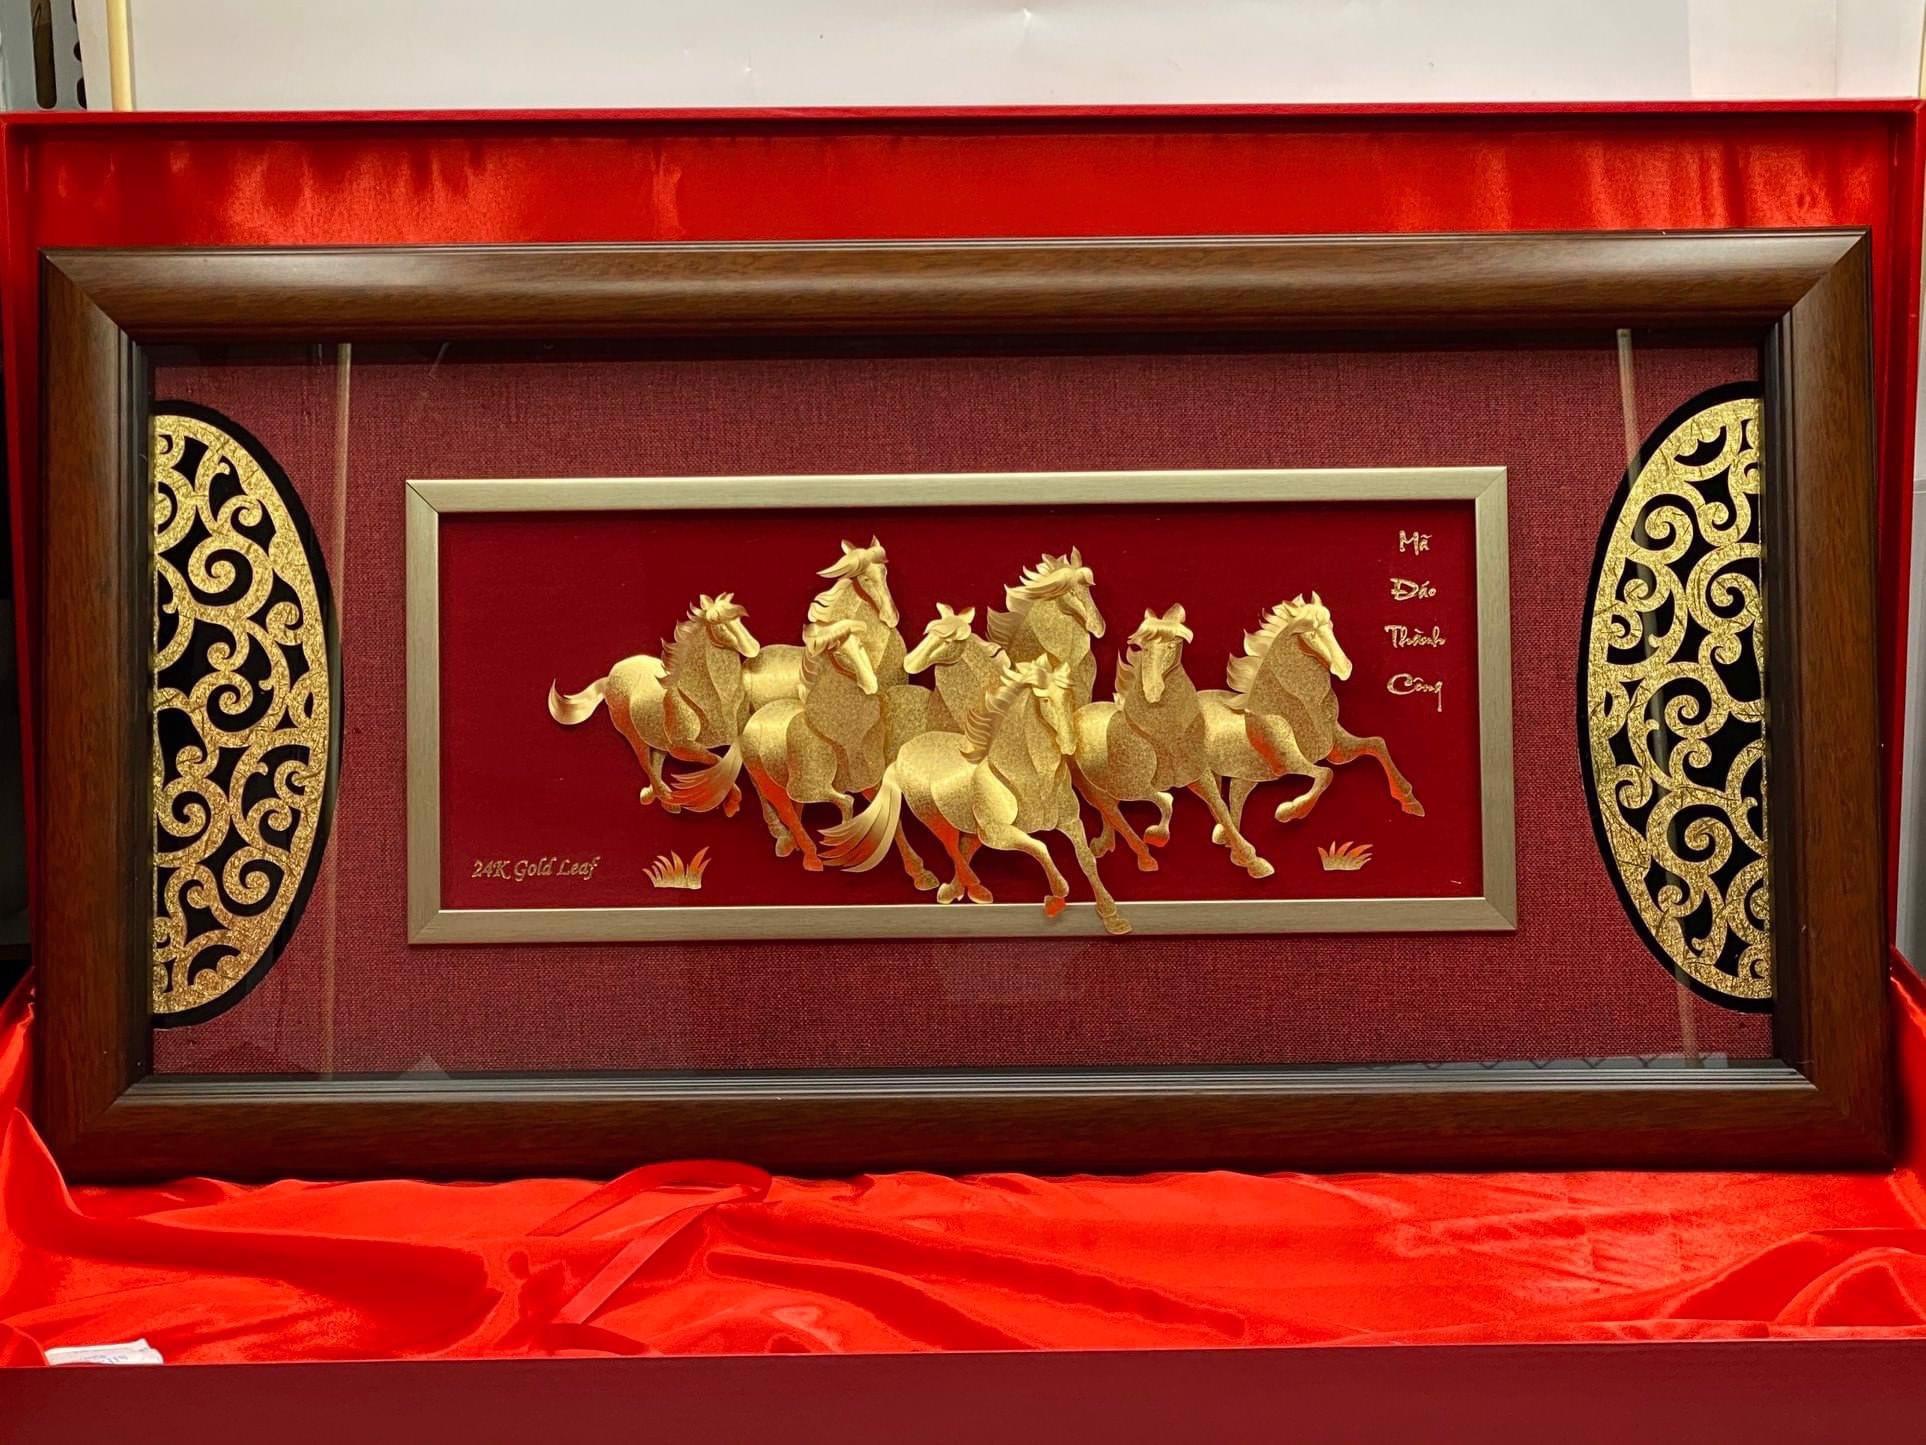 Quà tặng sếp: tranh mã đáo thành công phủ vàng ròng 41*81